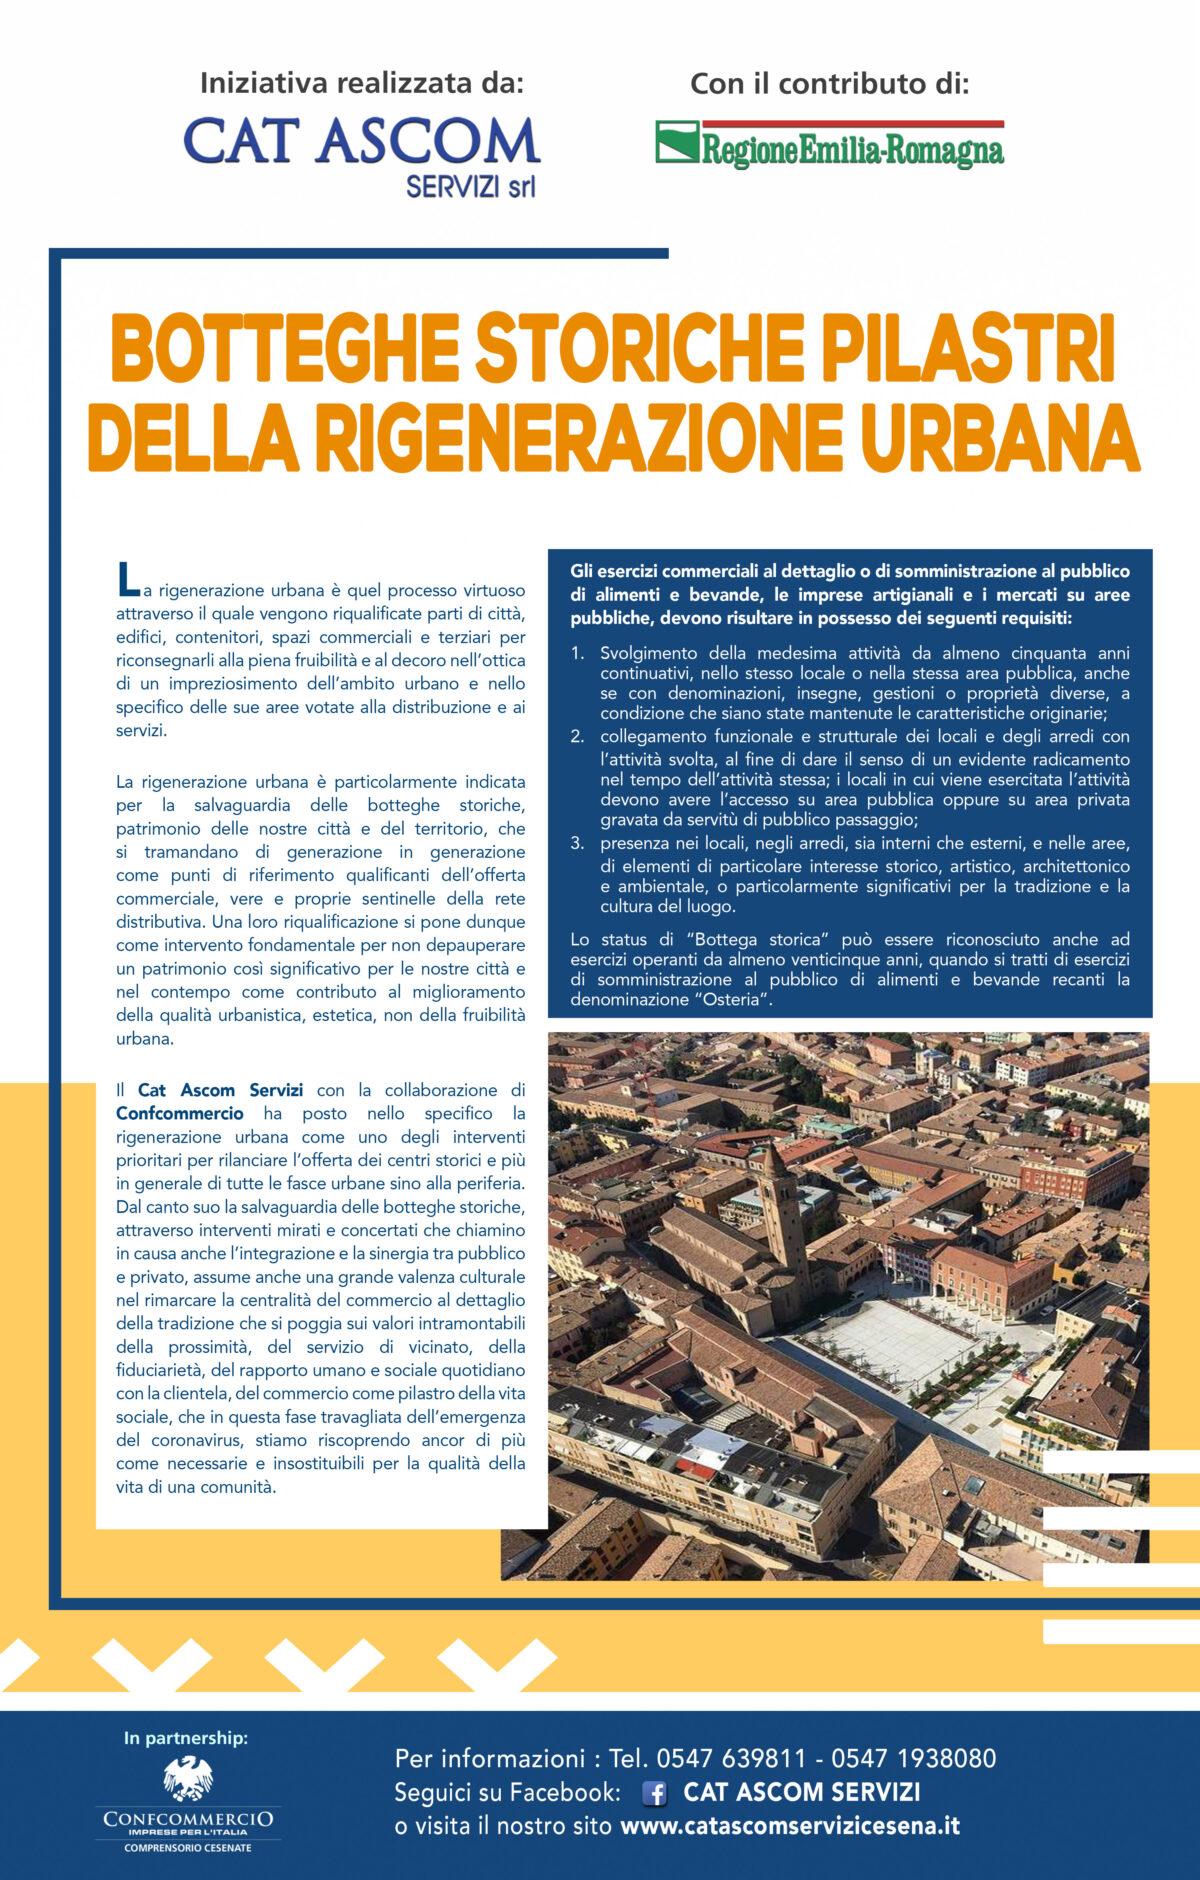 Botteghe storiche pilastri  della rigenerazione urbana